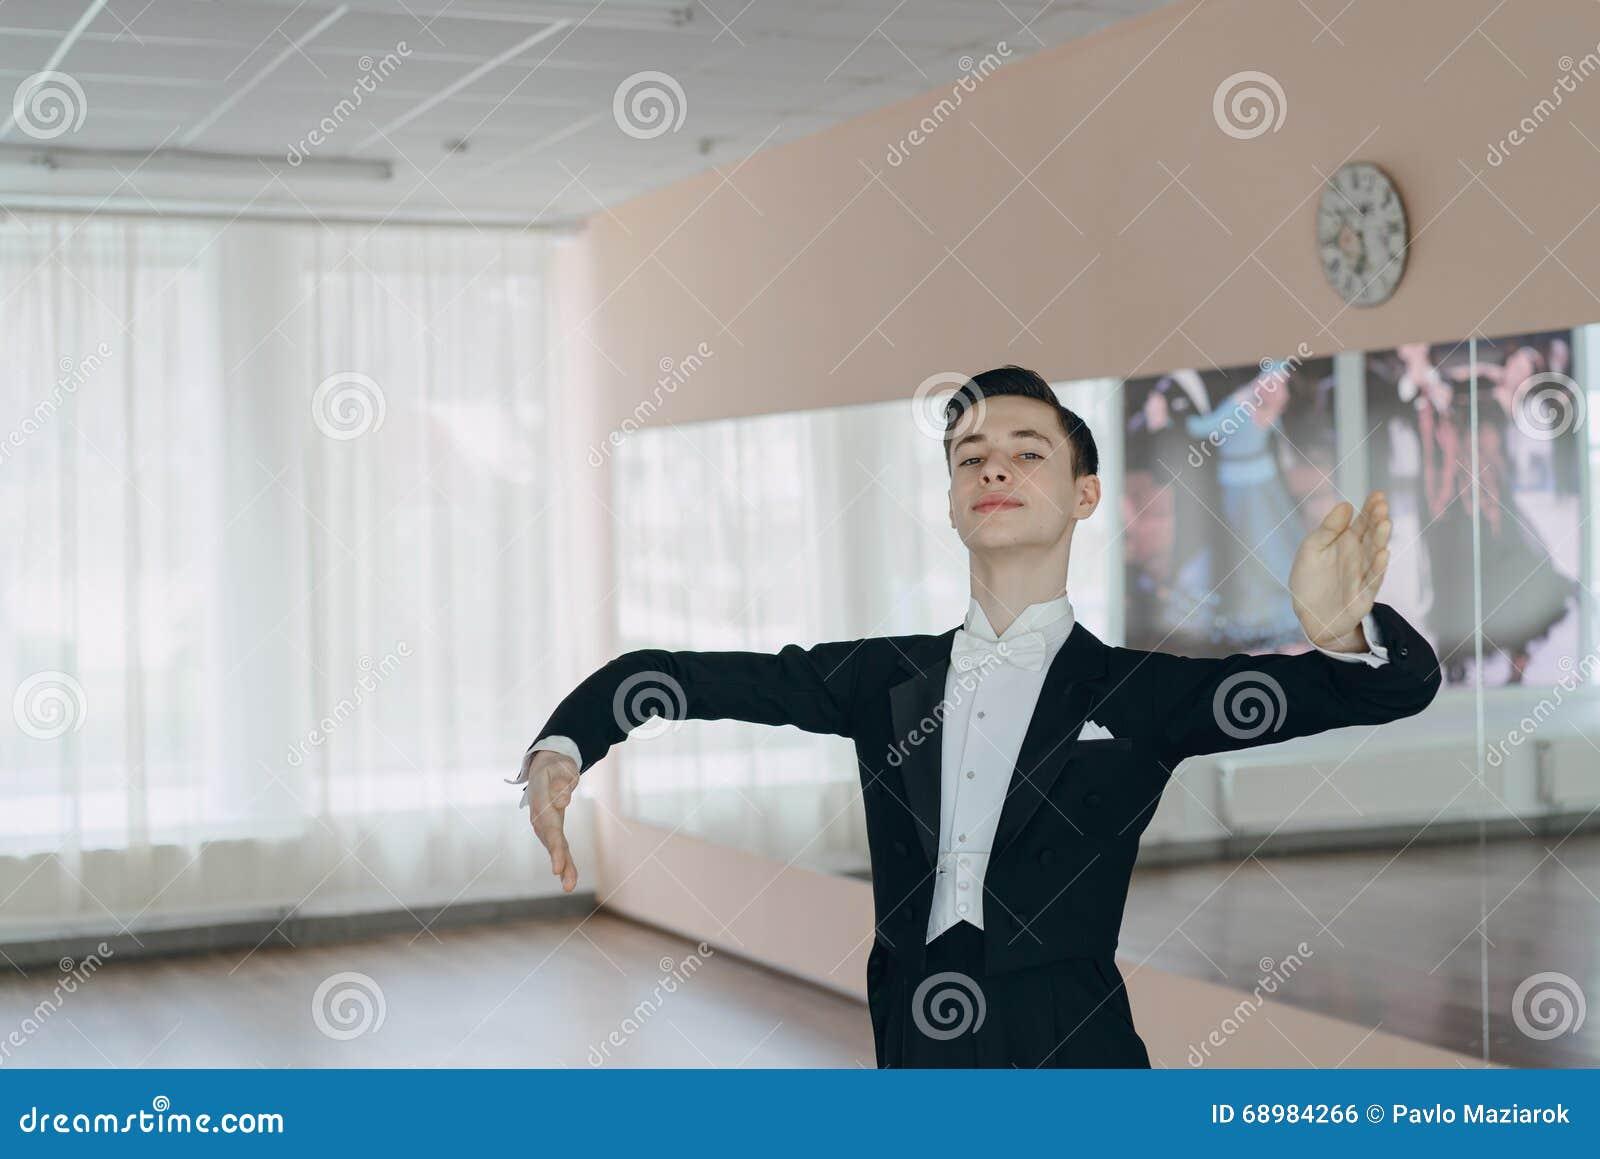 Bailarín profesional entrenado en el espejo